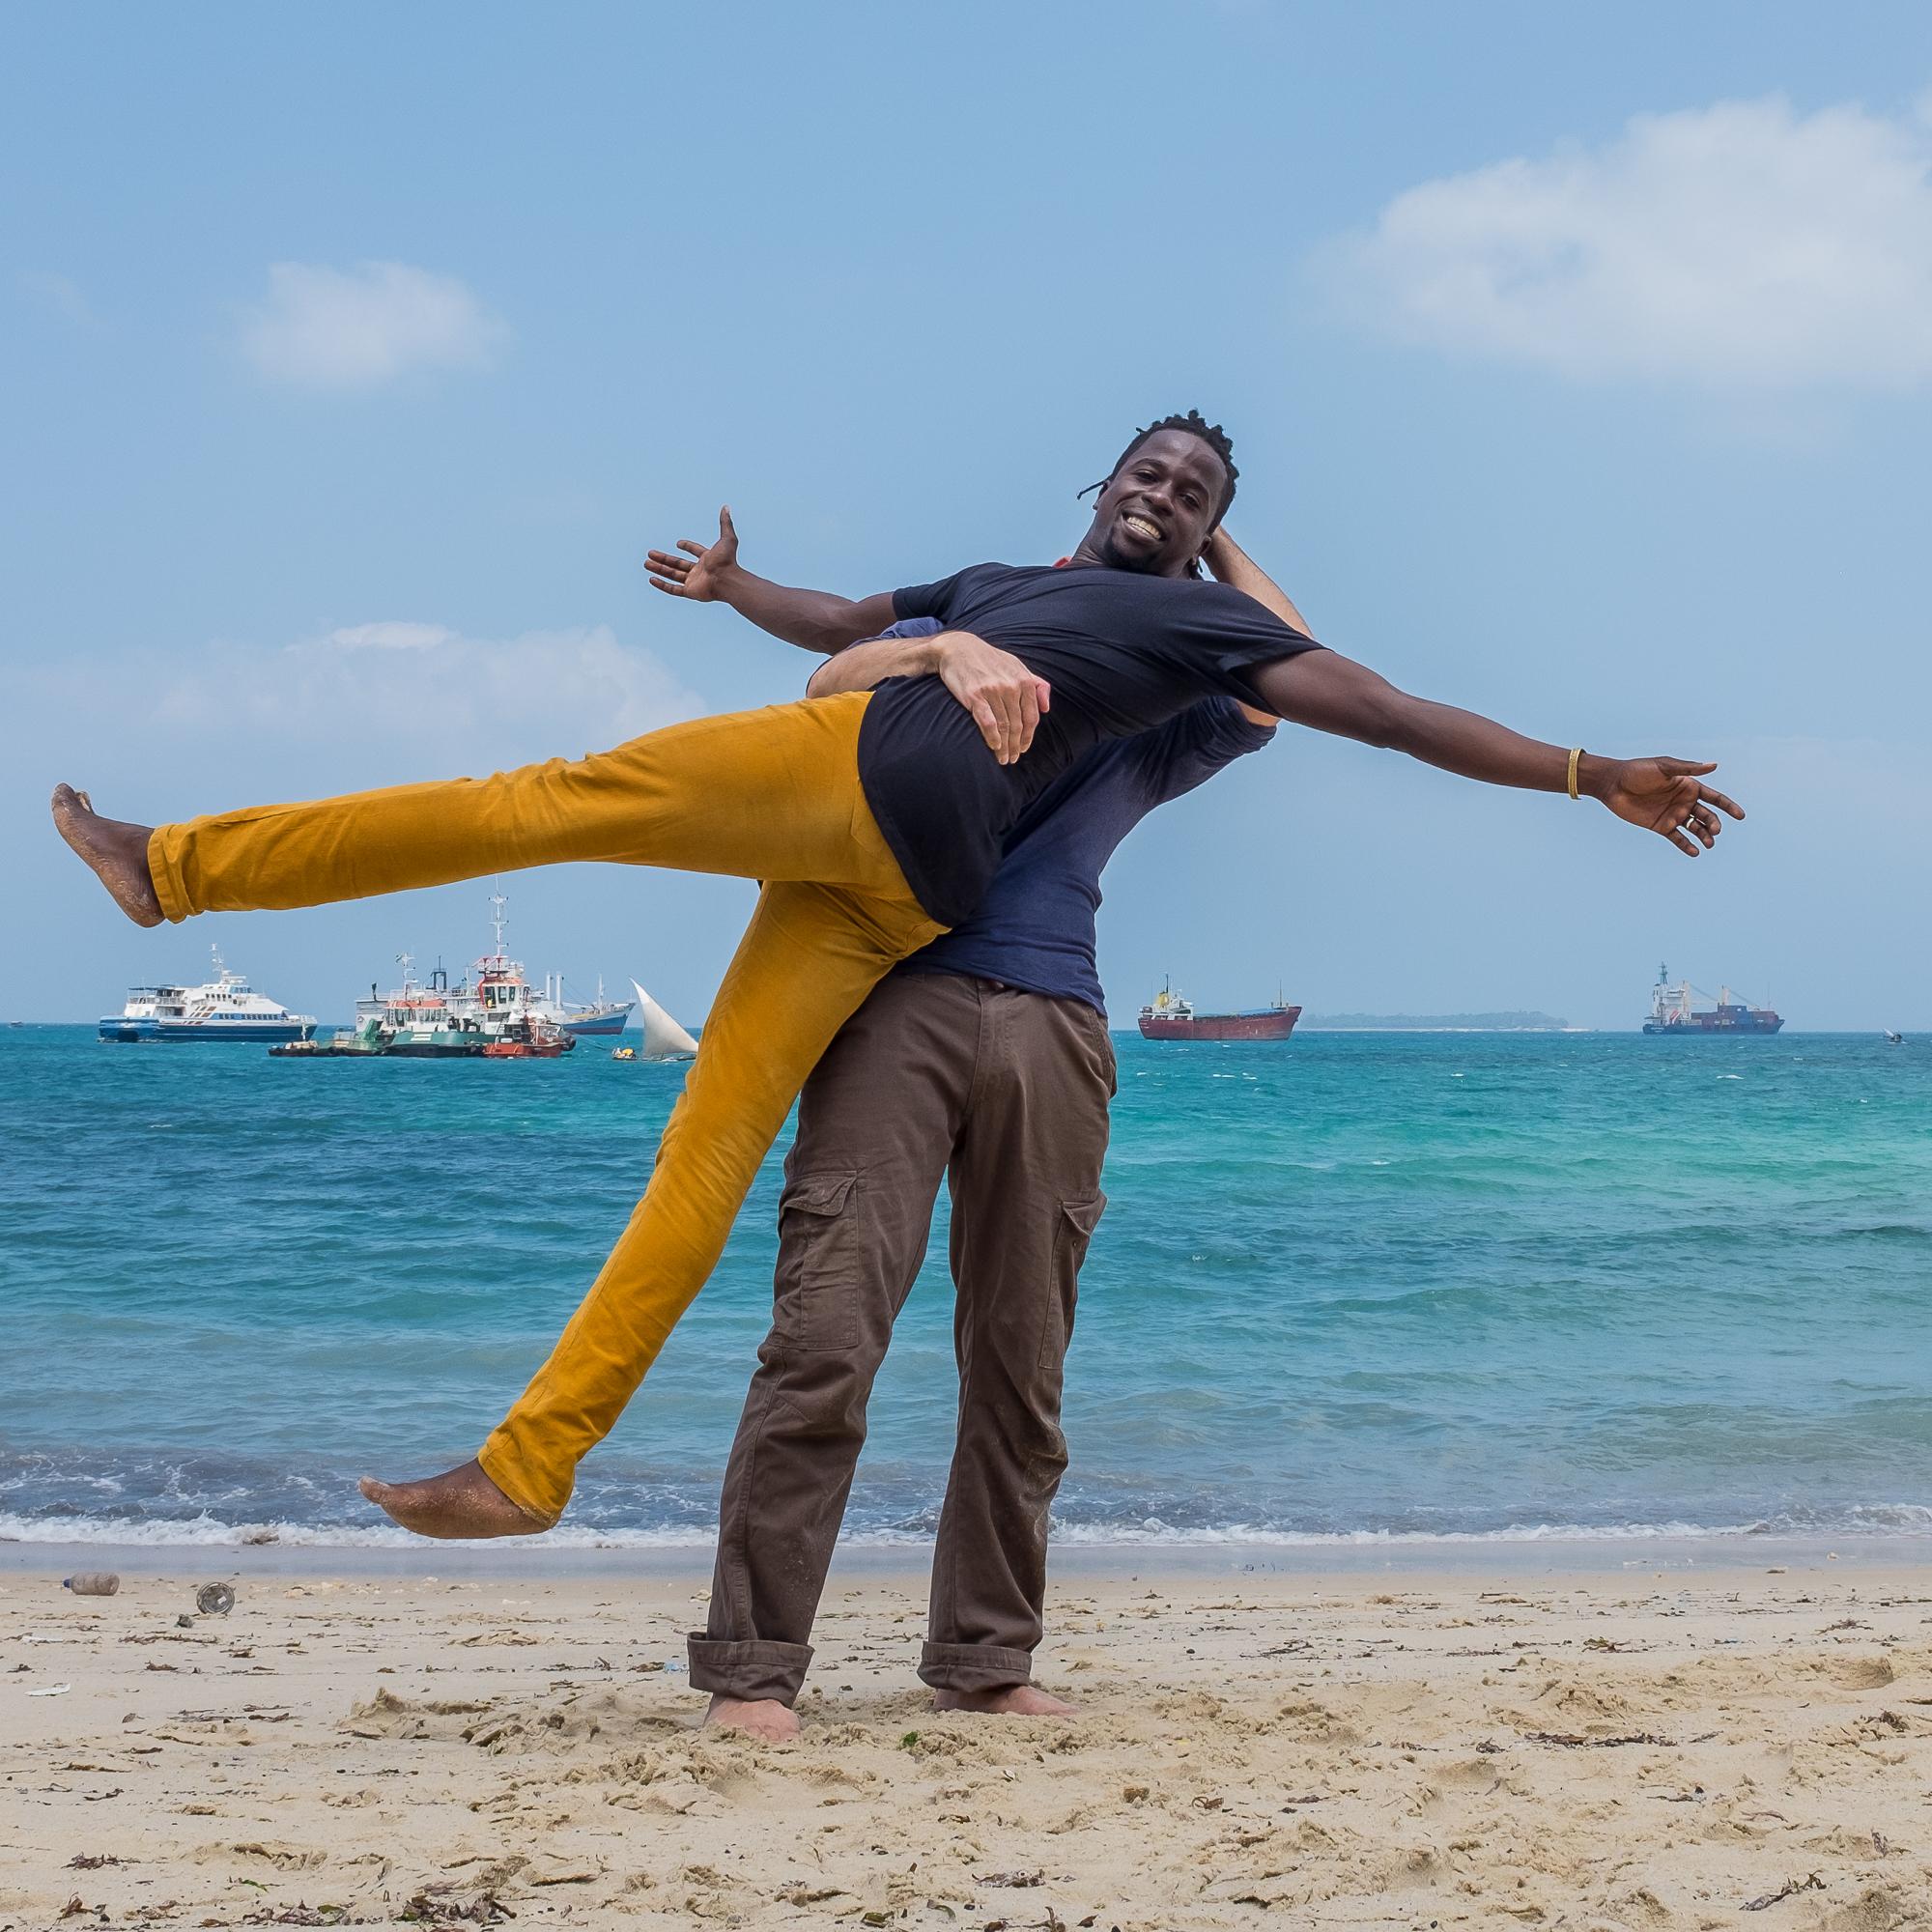 Zanzibar beach - Wave_